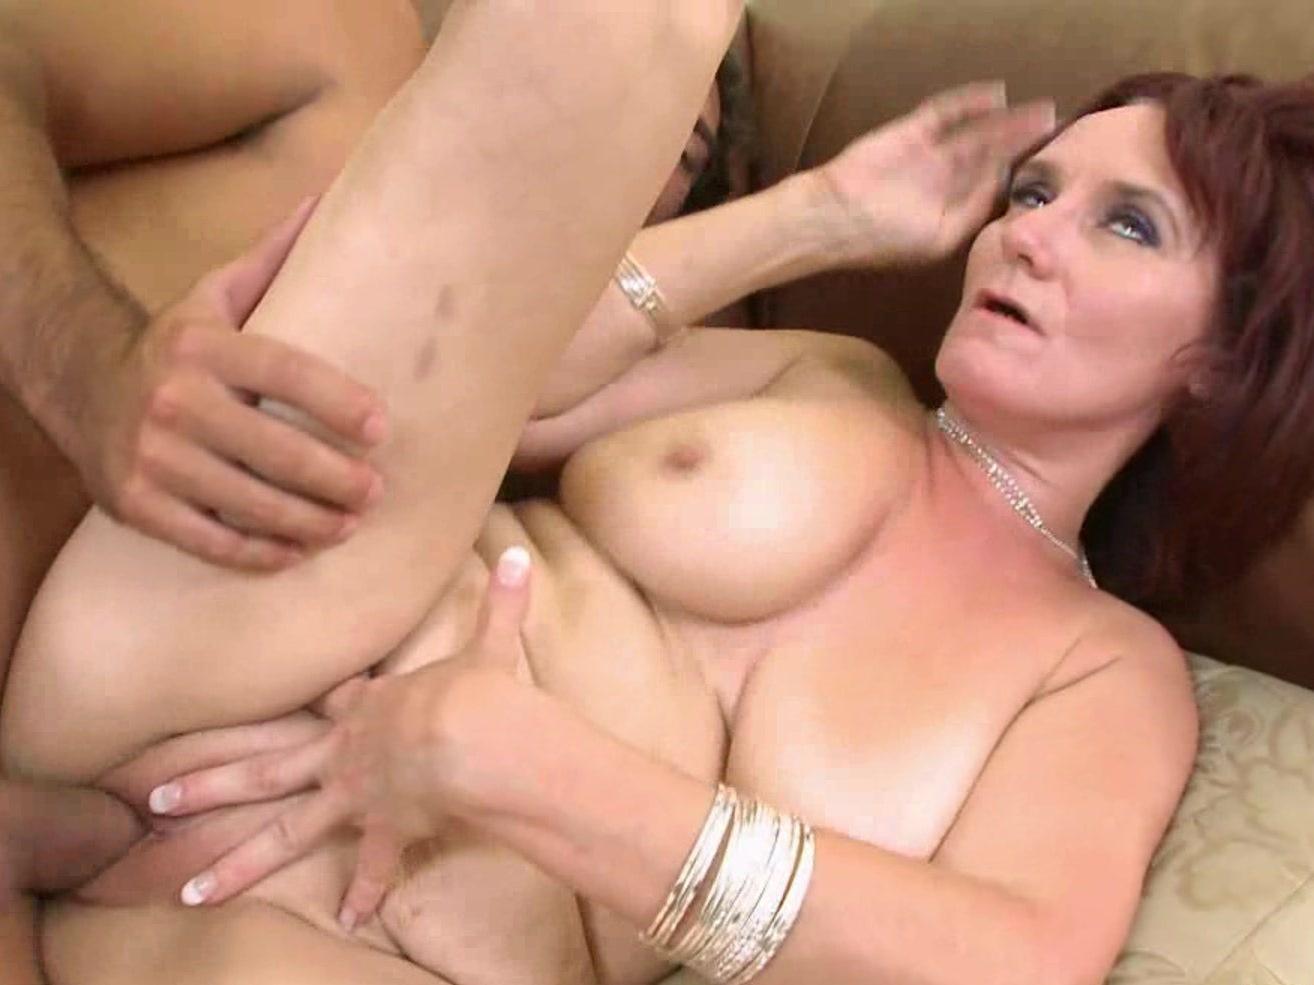 порно син кончив в мать